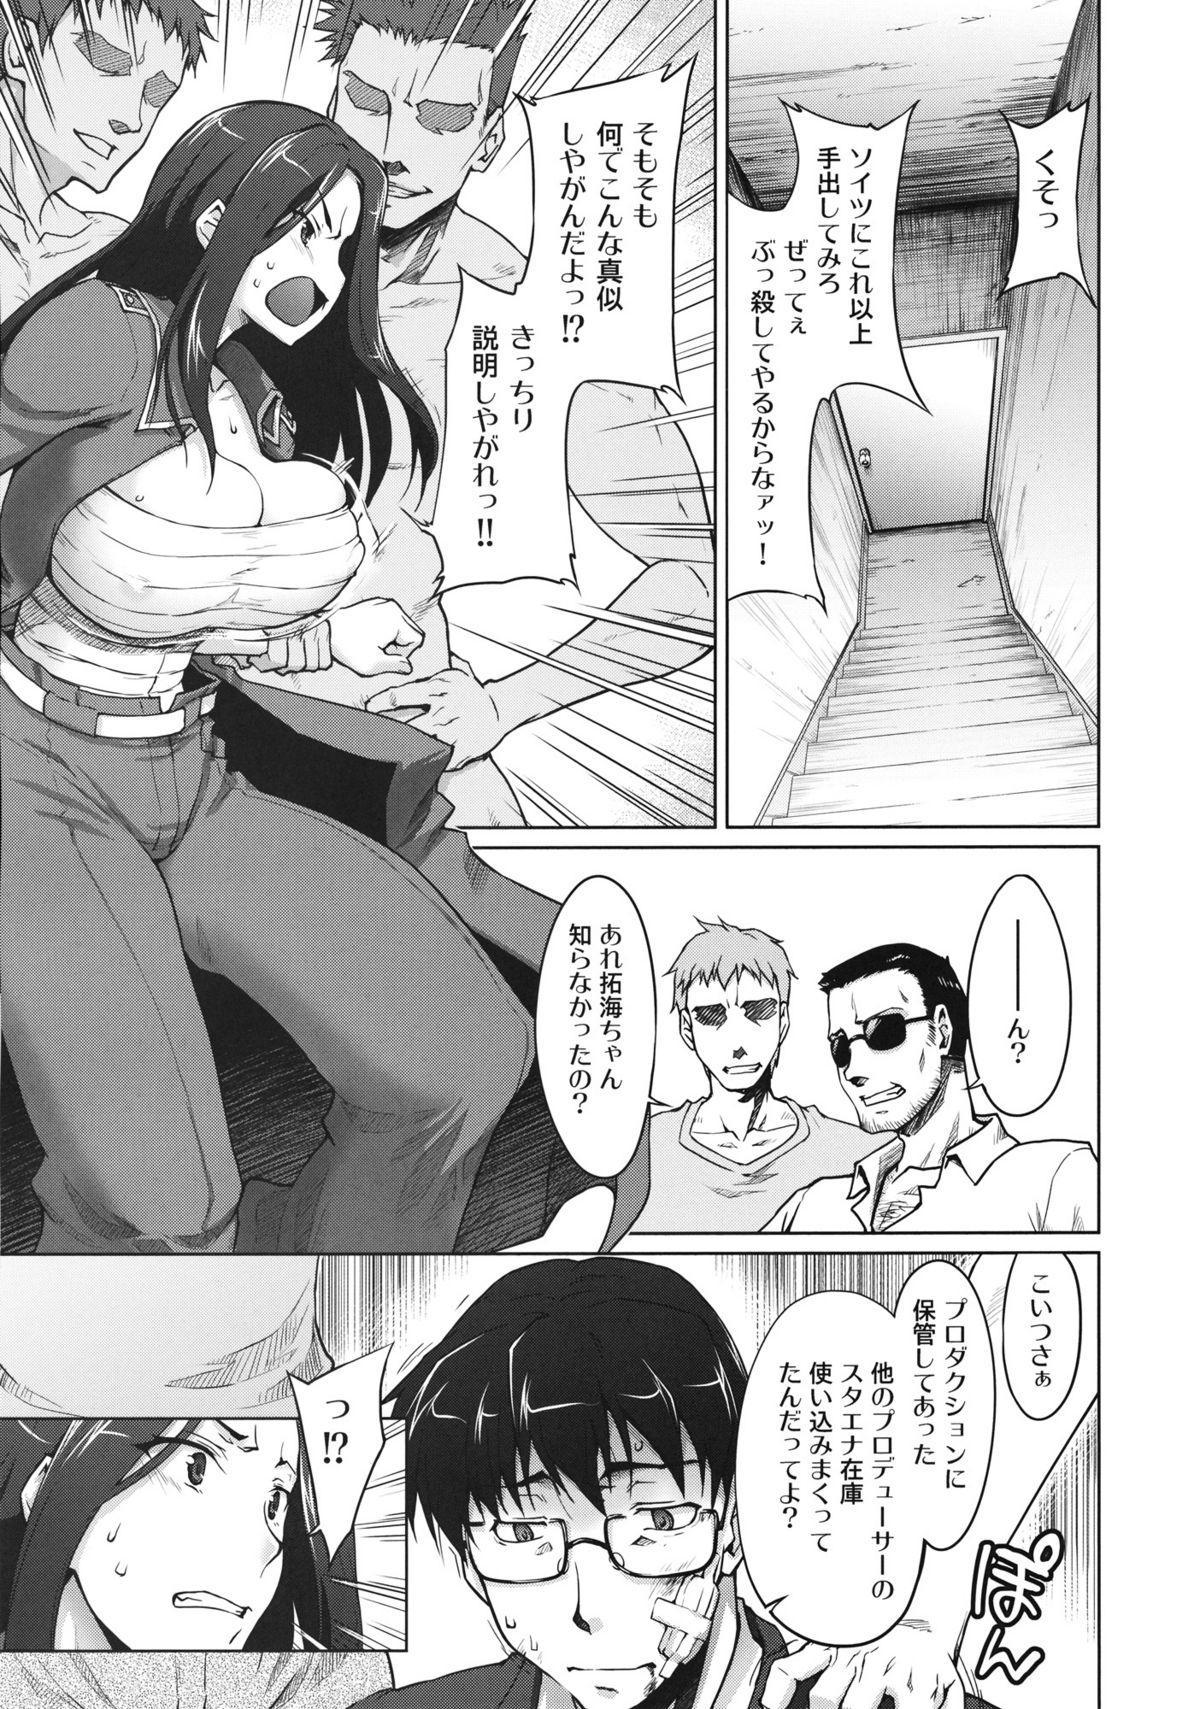 Kaikin! Bakunyuu Nama Dashi Mukai Takumi 3